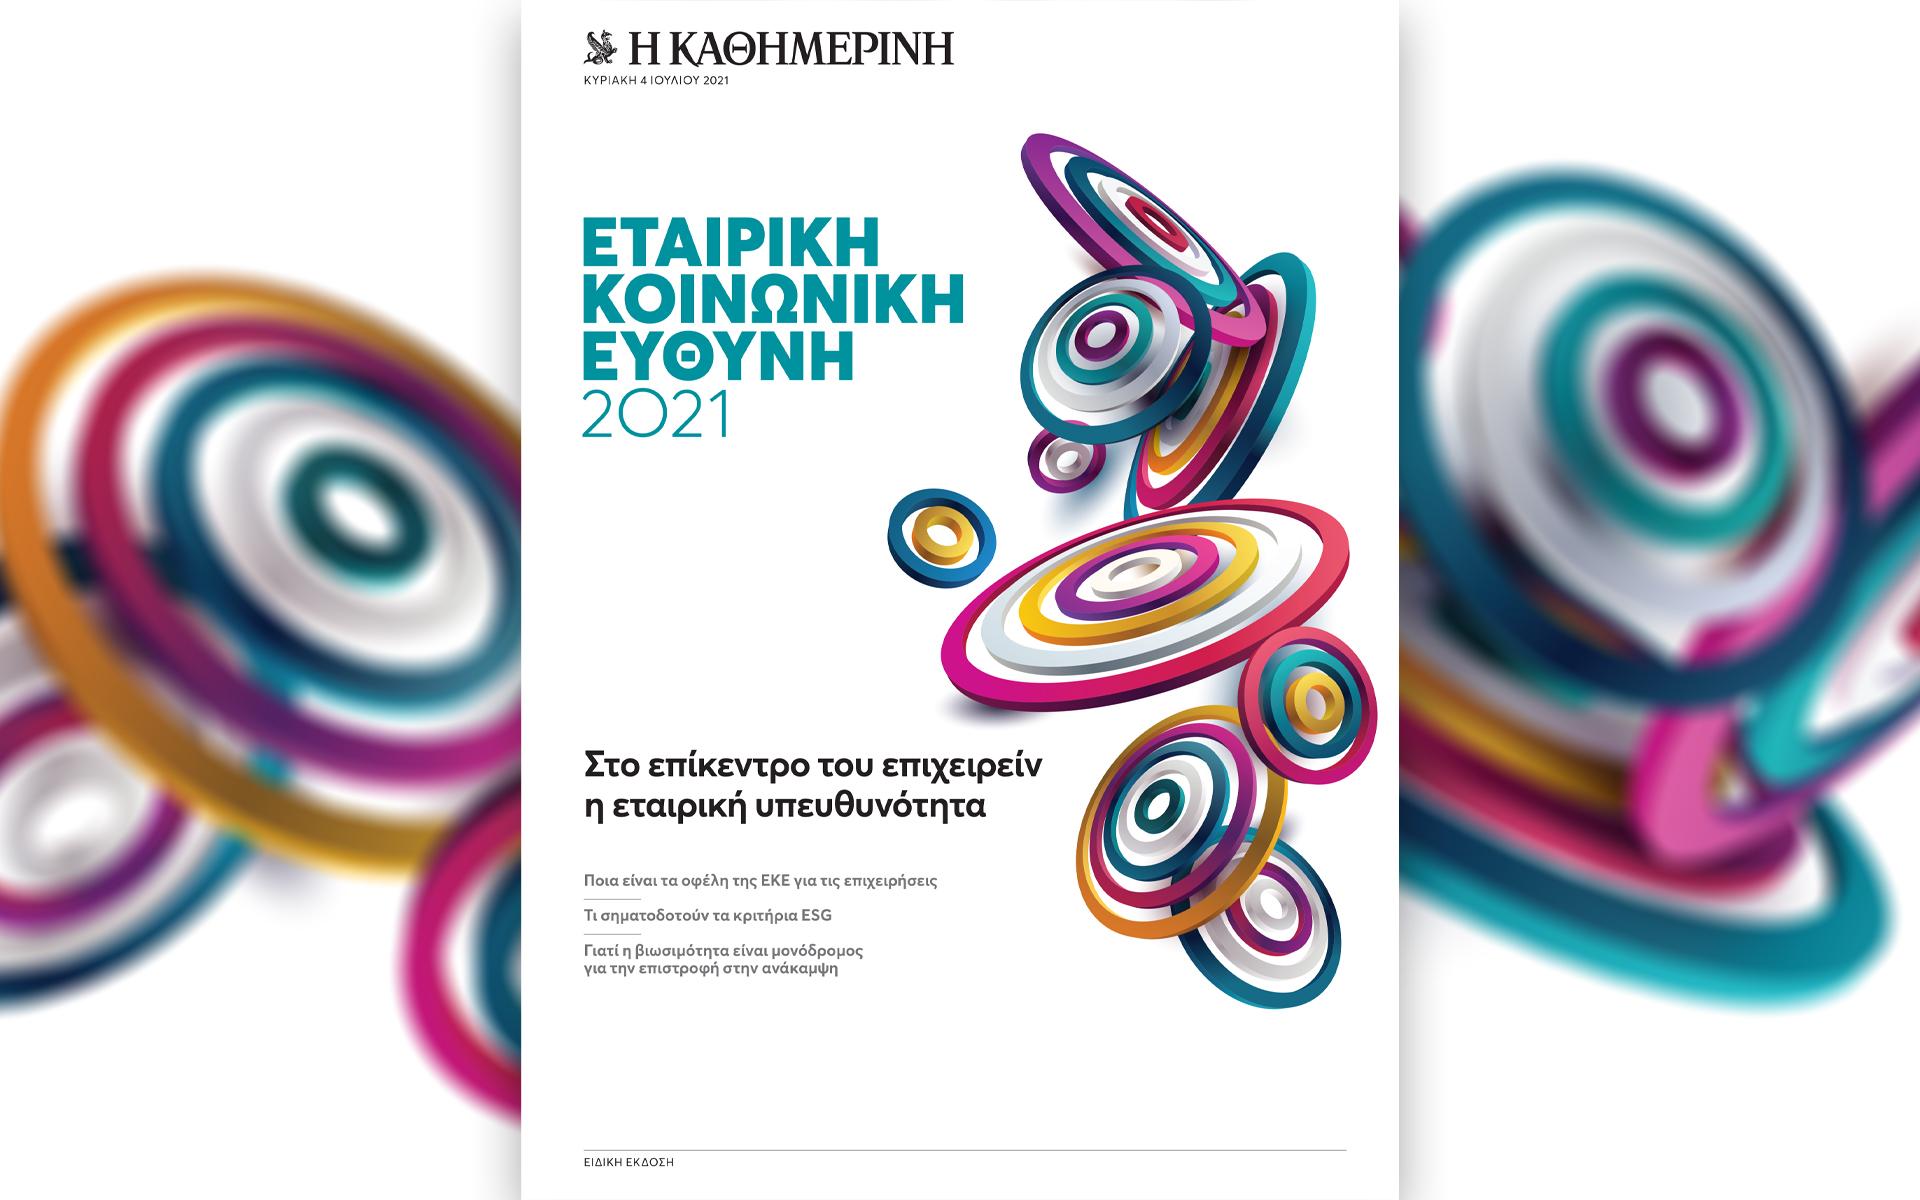 ayti-tin-kyriaki-me-tin-kathimerini-4-trochoi-k-hours-eke7